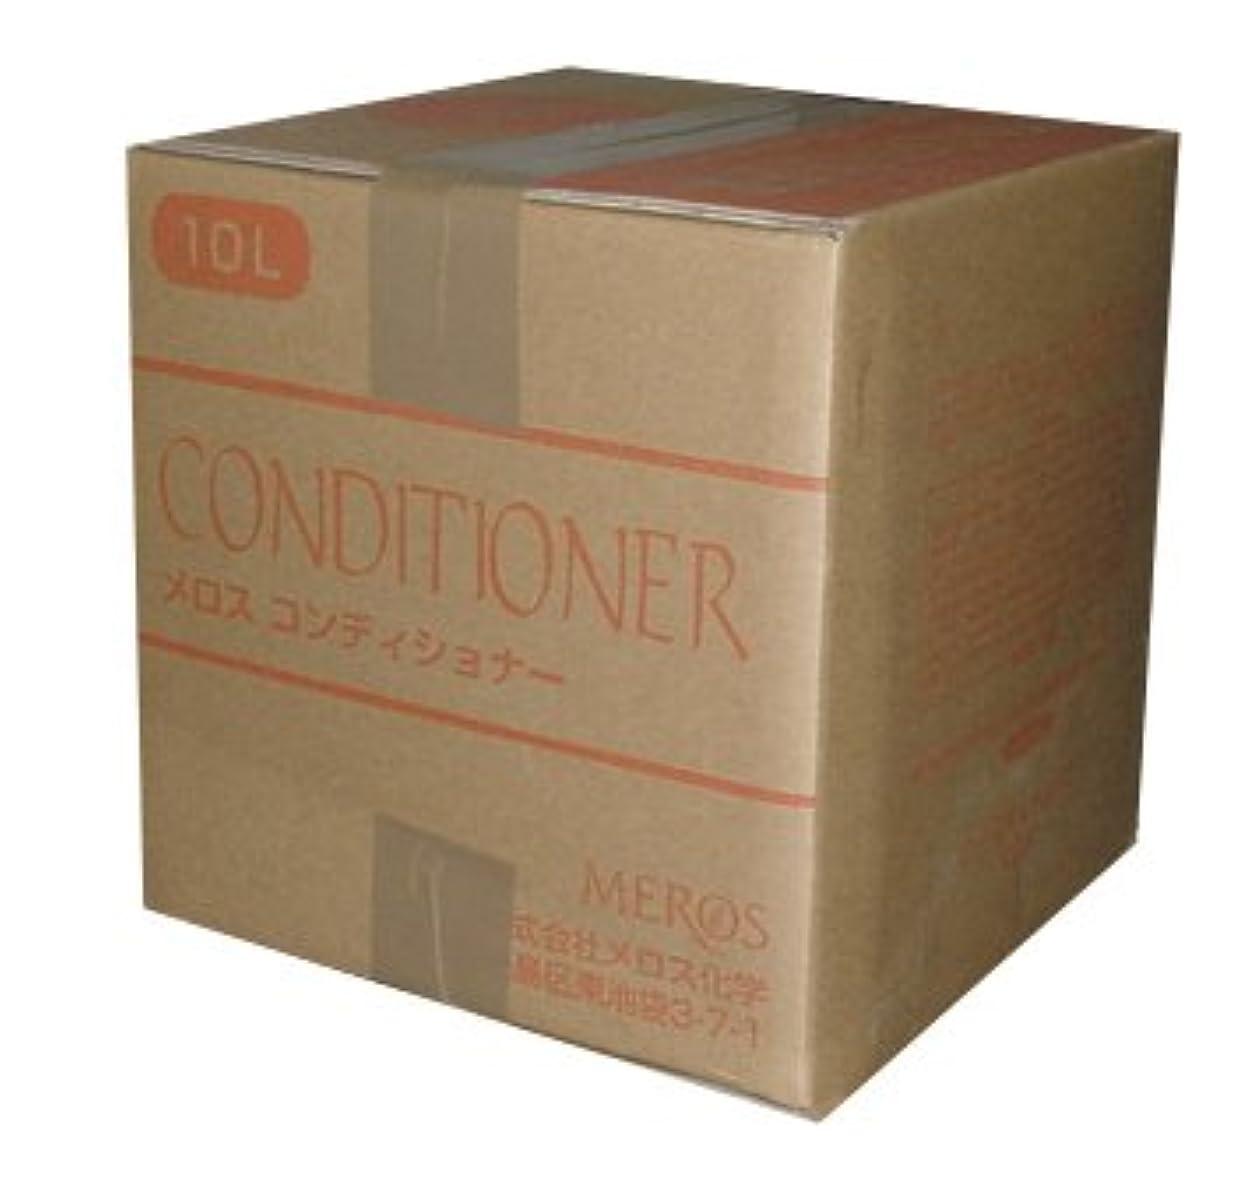 適合するヤング想像力メロス コンディショナー 業務用 10L / 詰め替え (メロス化学)業務用コンディショナー